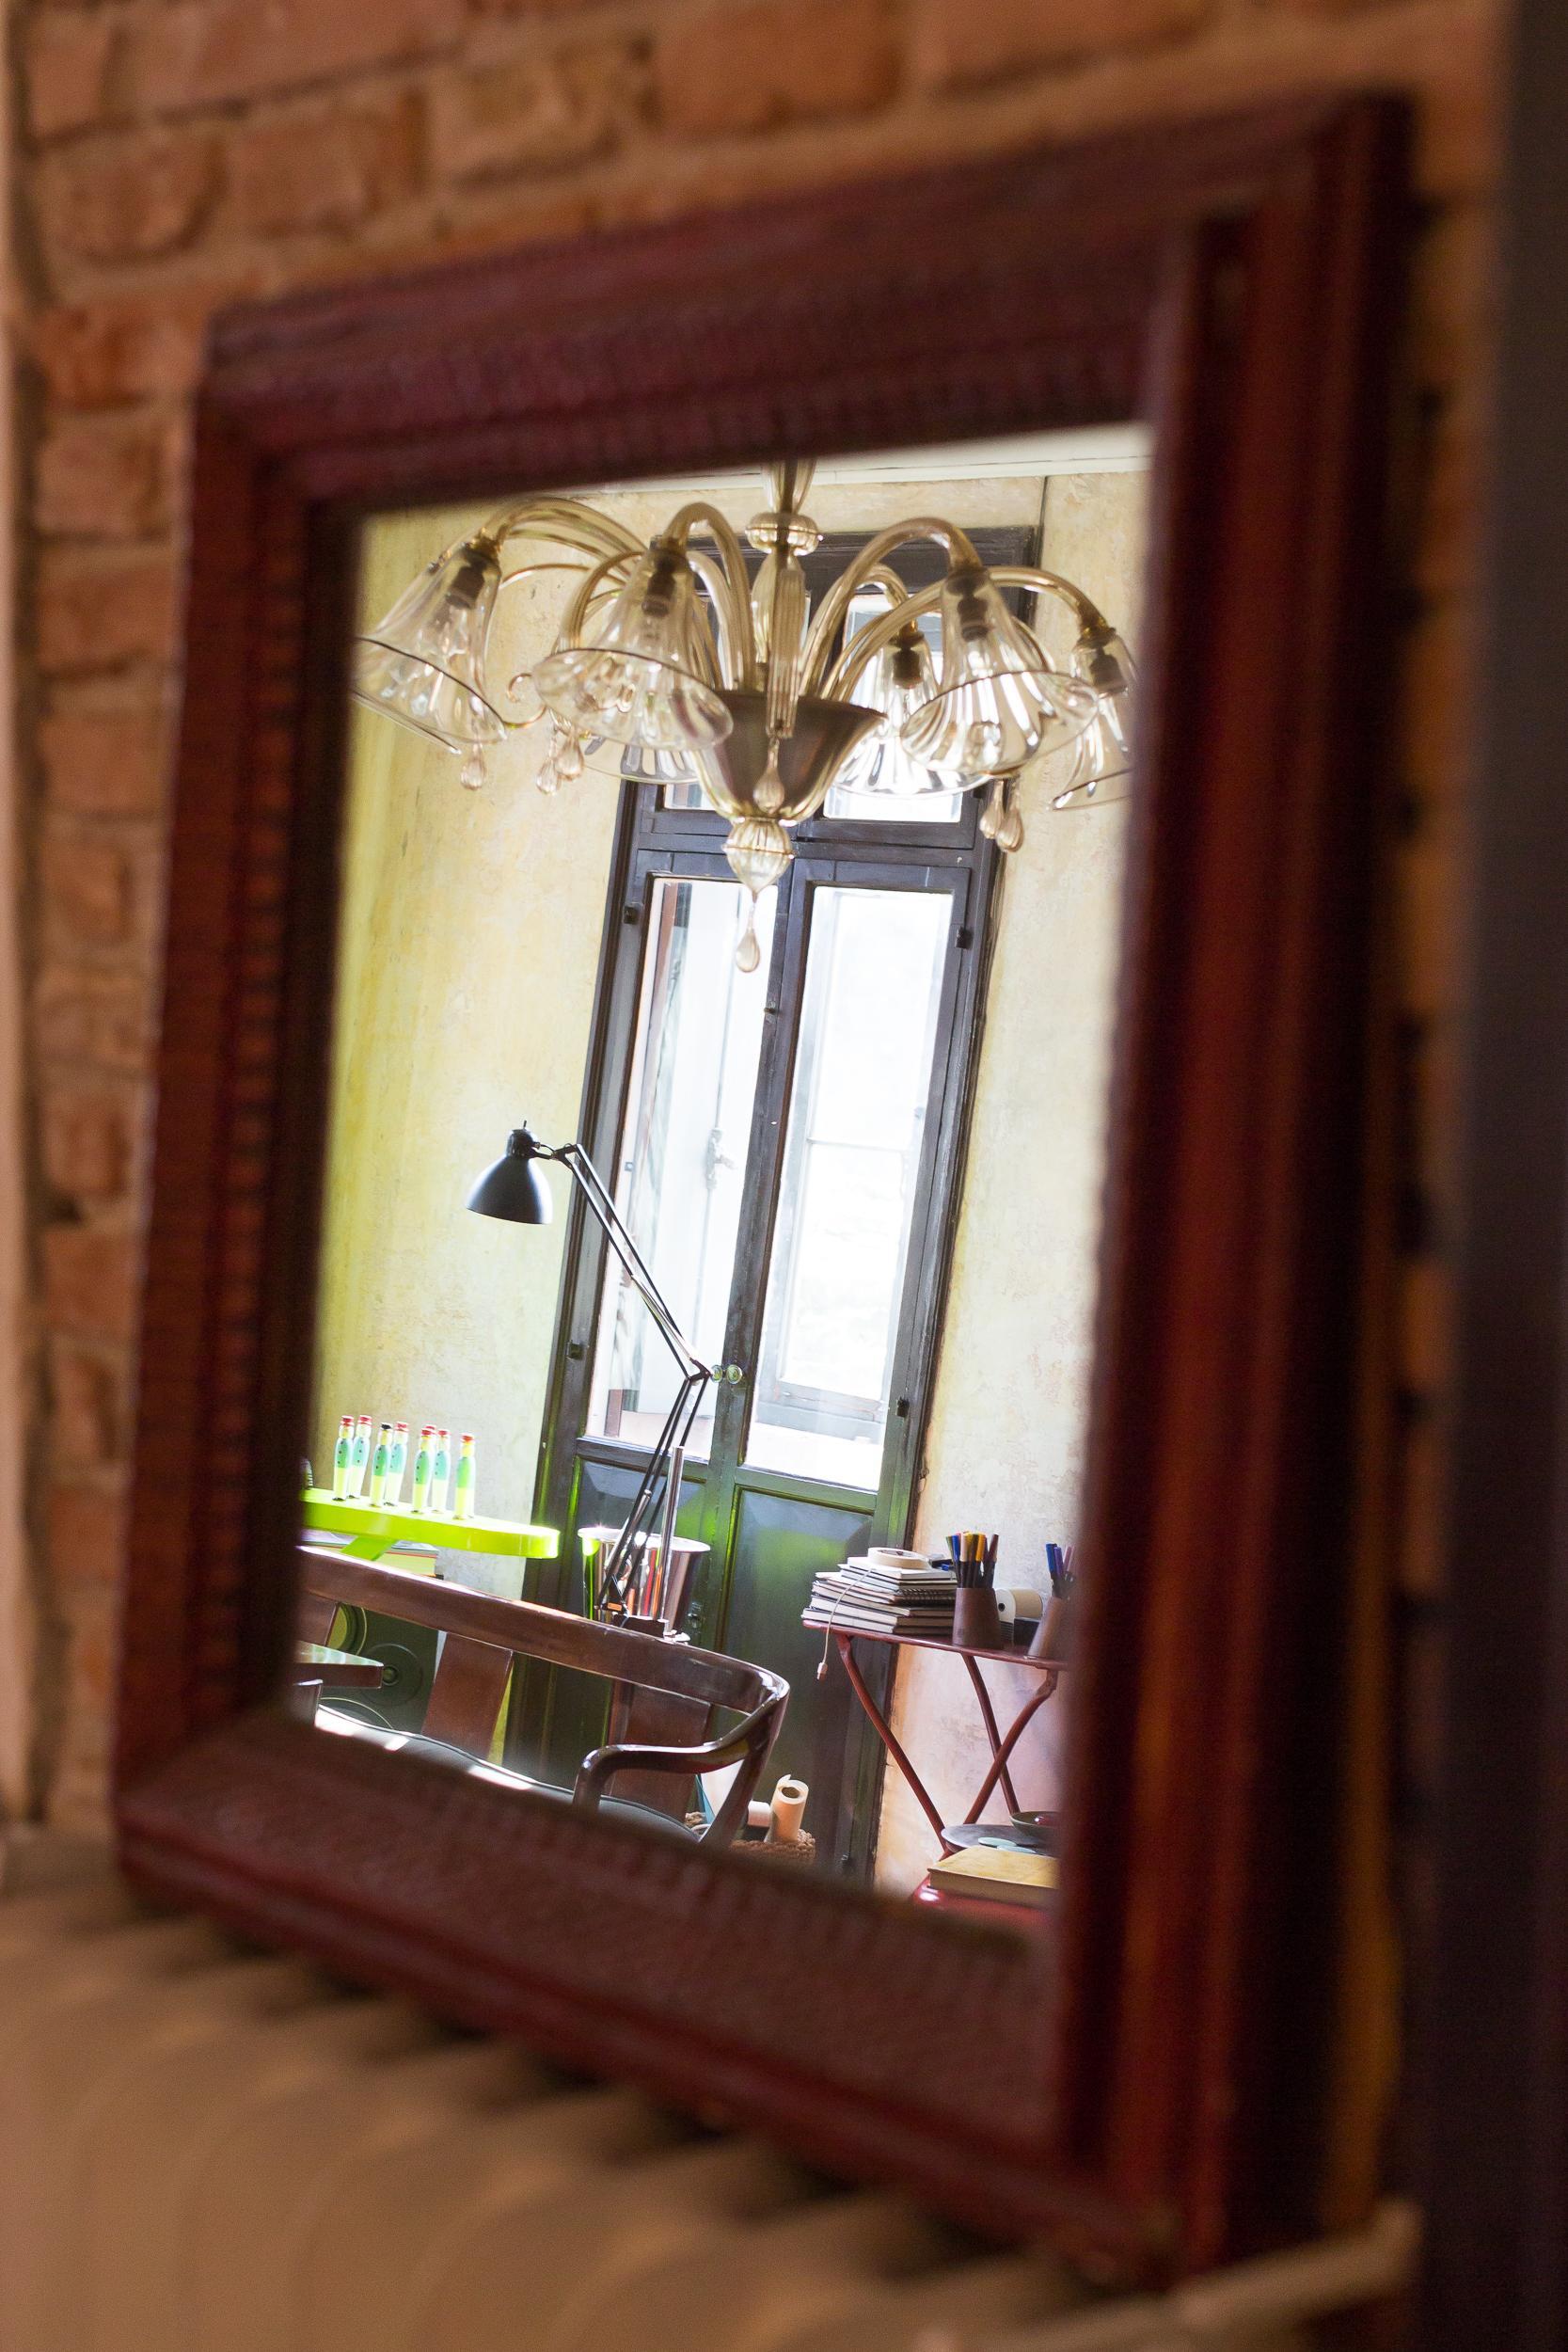 Uno specchio disposto strategicamente in un angolo della stanza conferisce a questa una forte sensazione di luminosità e profondità visiva.